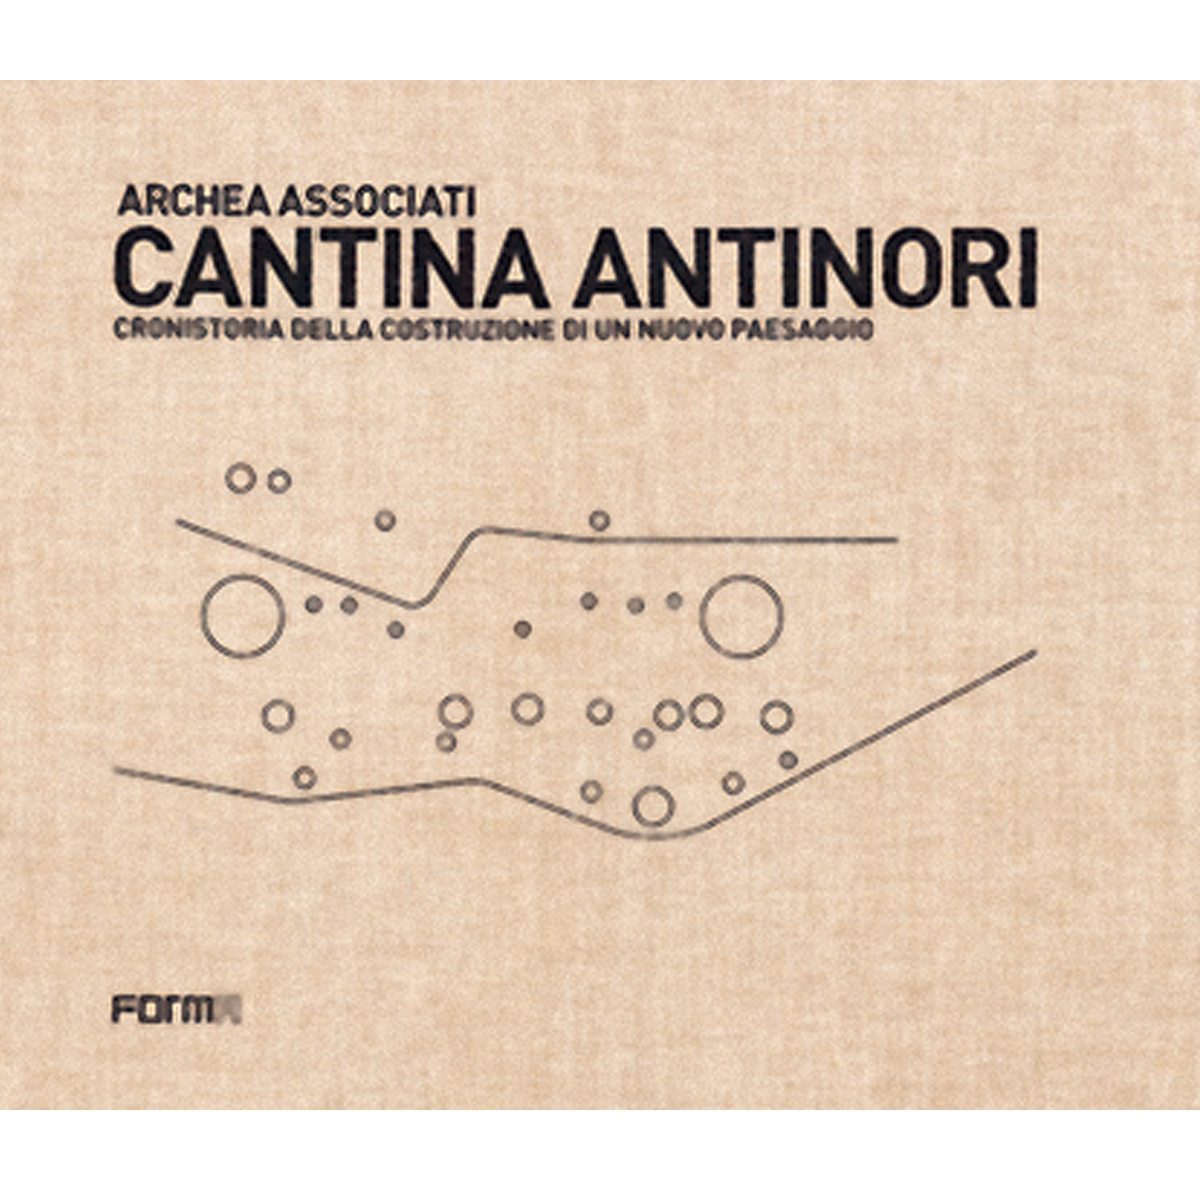 Cantina Antinori